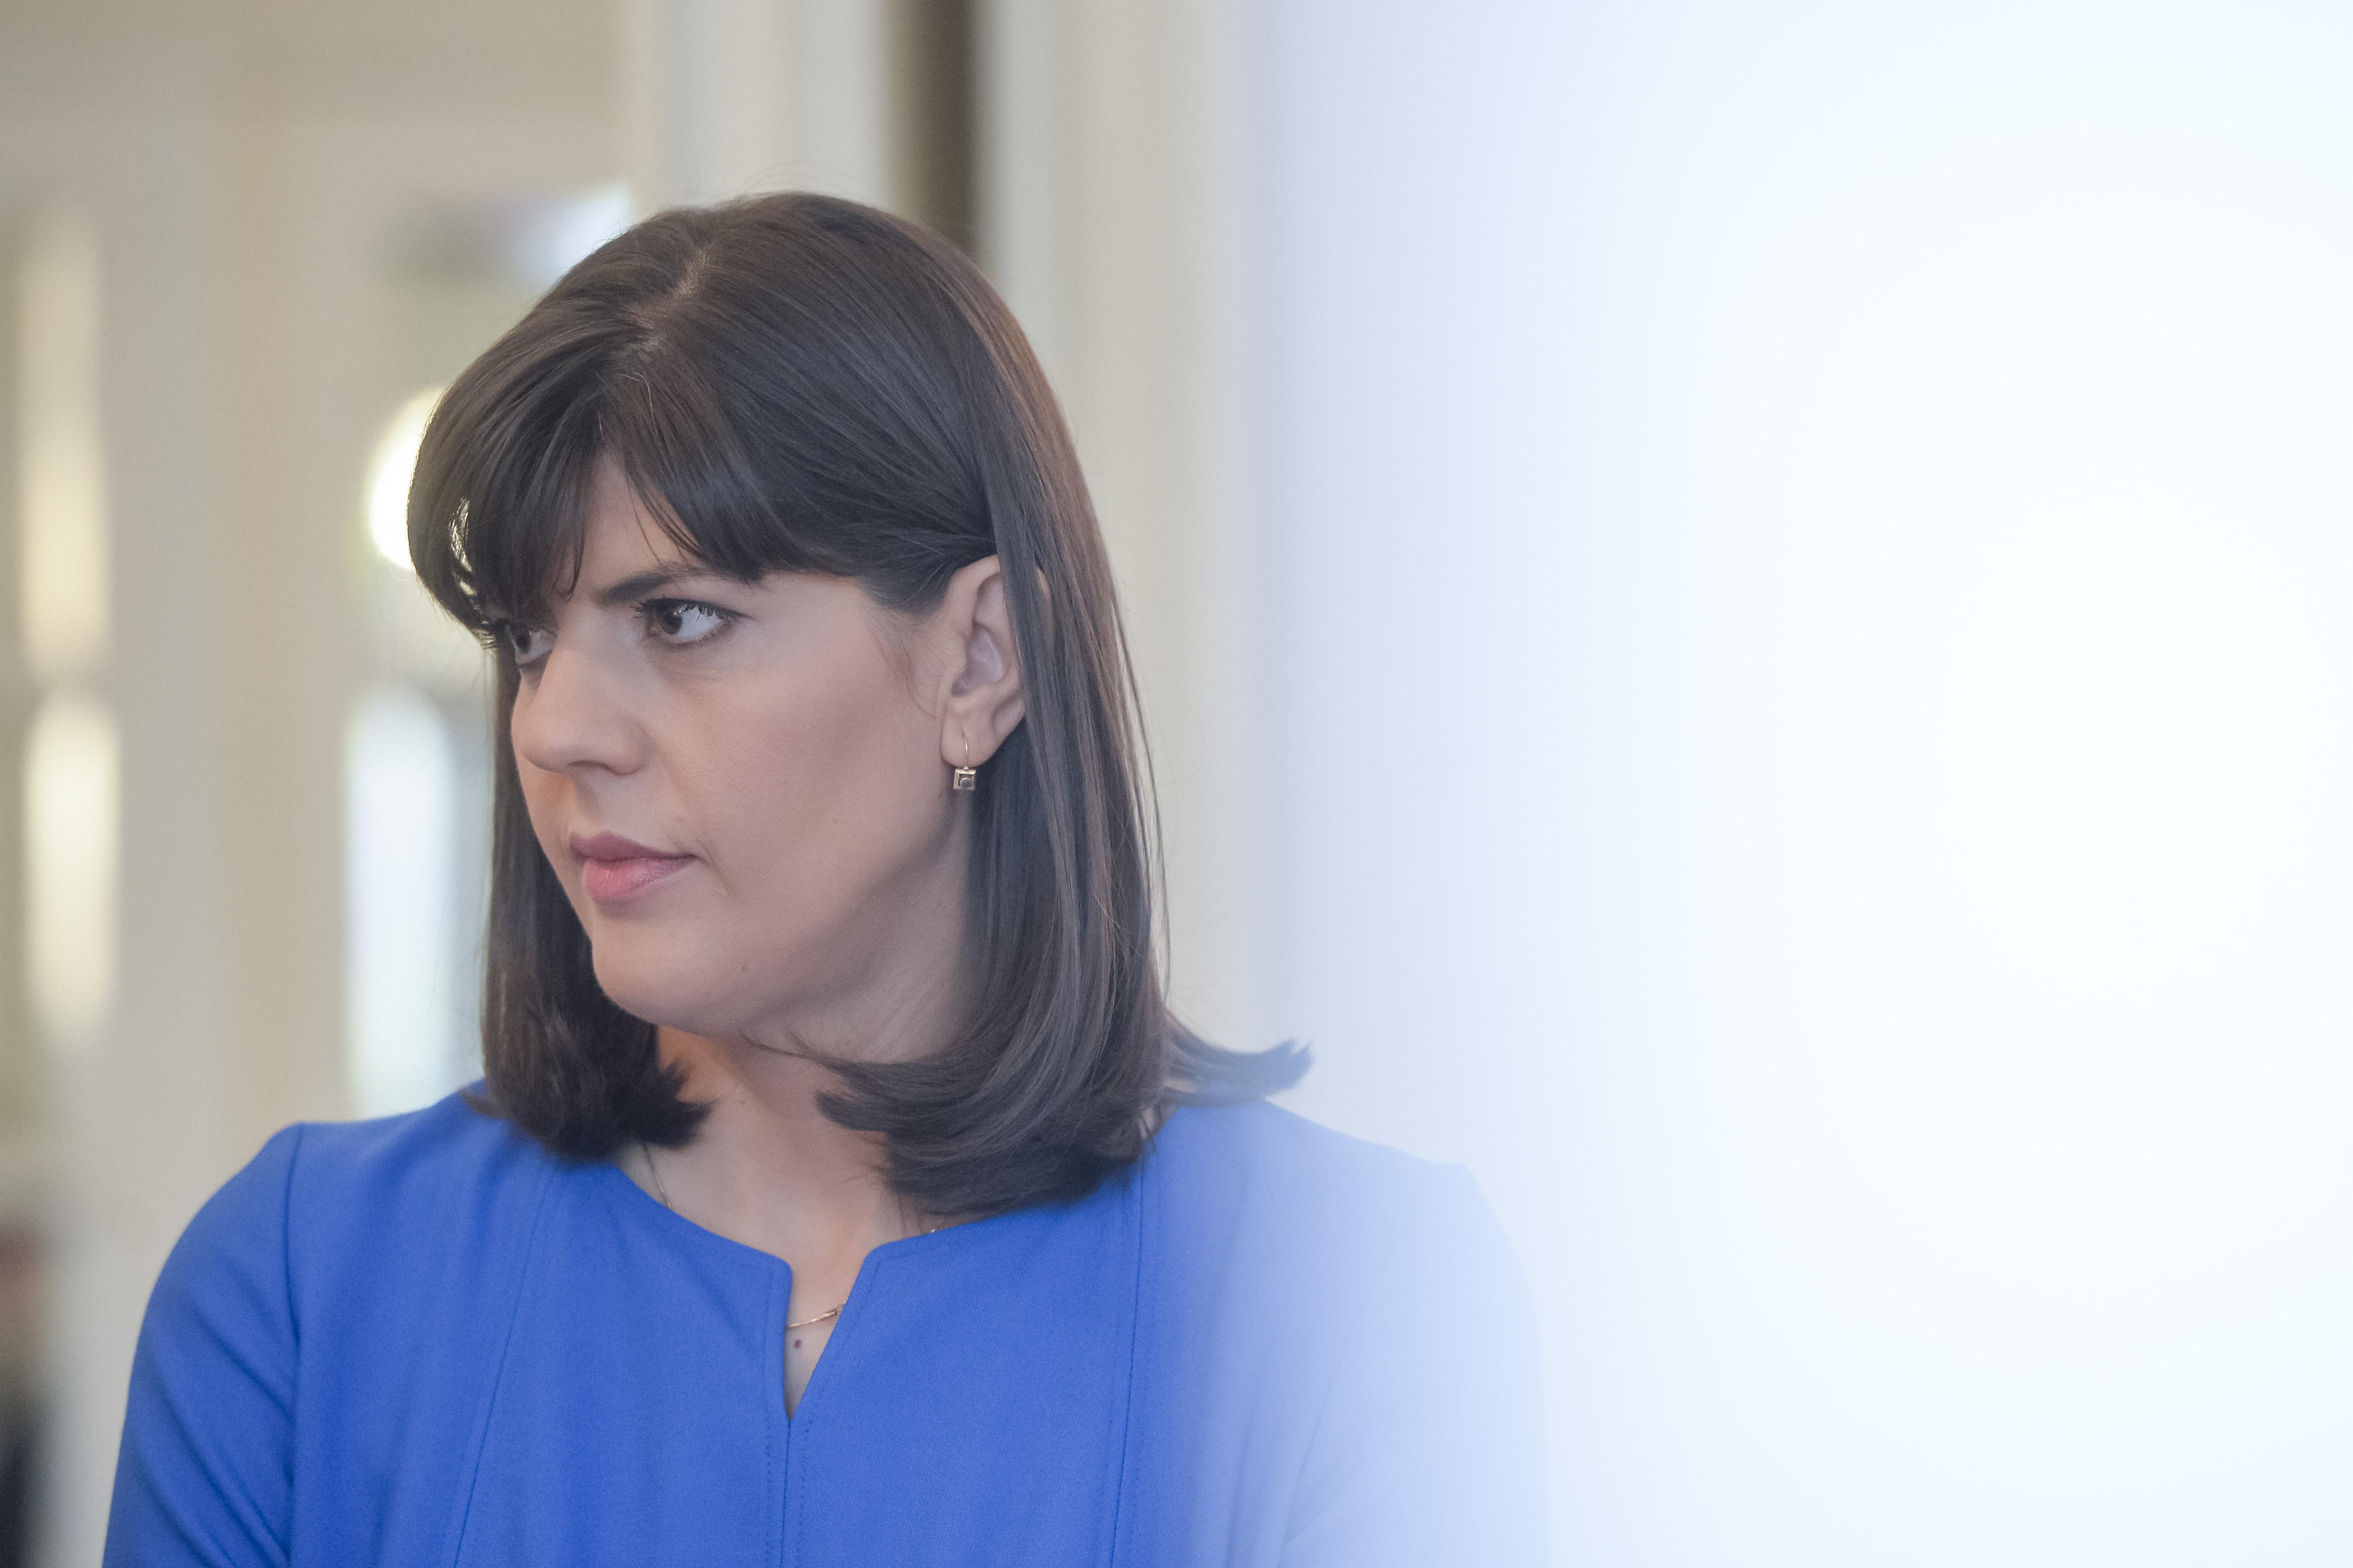 Procesul în care Mihaela Iorga Moraru a dat-o în judecată pe Laura Codruţa Kovesi a fost amânat, după ce şefa DNA a fost reprezentată de procuror, nu de avocat